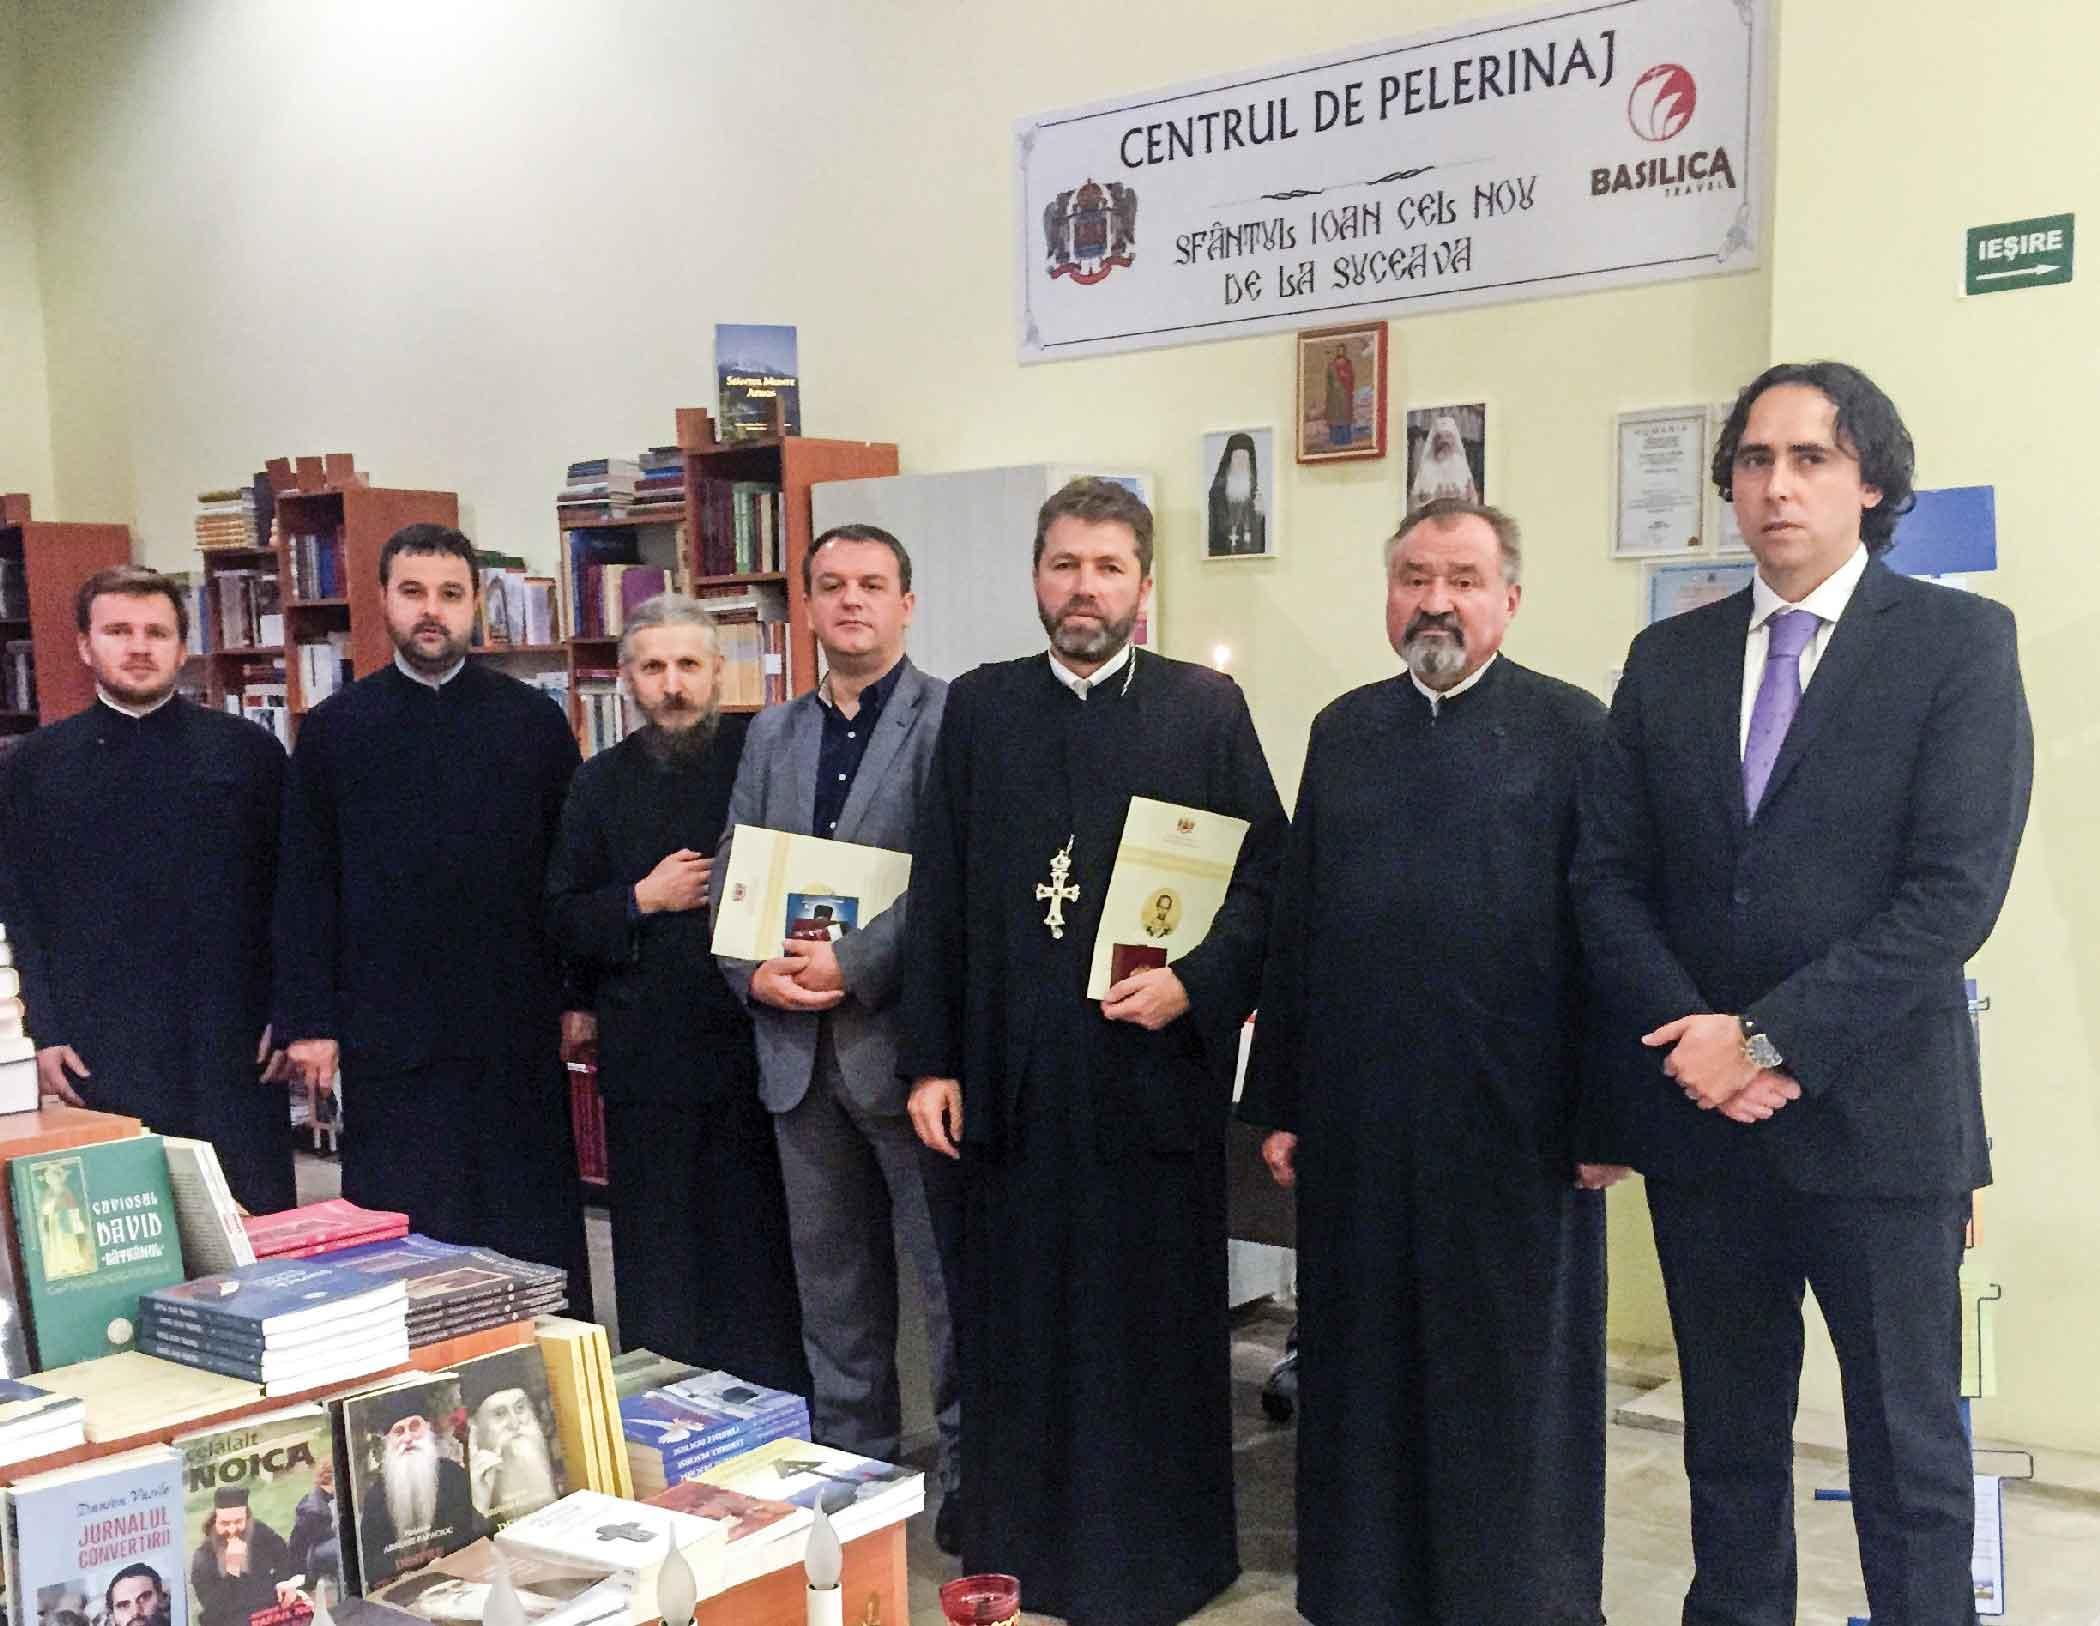 Un nou punct de lucru al Agenţiei de pelerinaj BASILICA Travel la Suceava